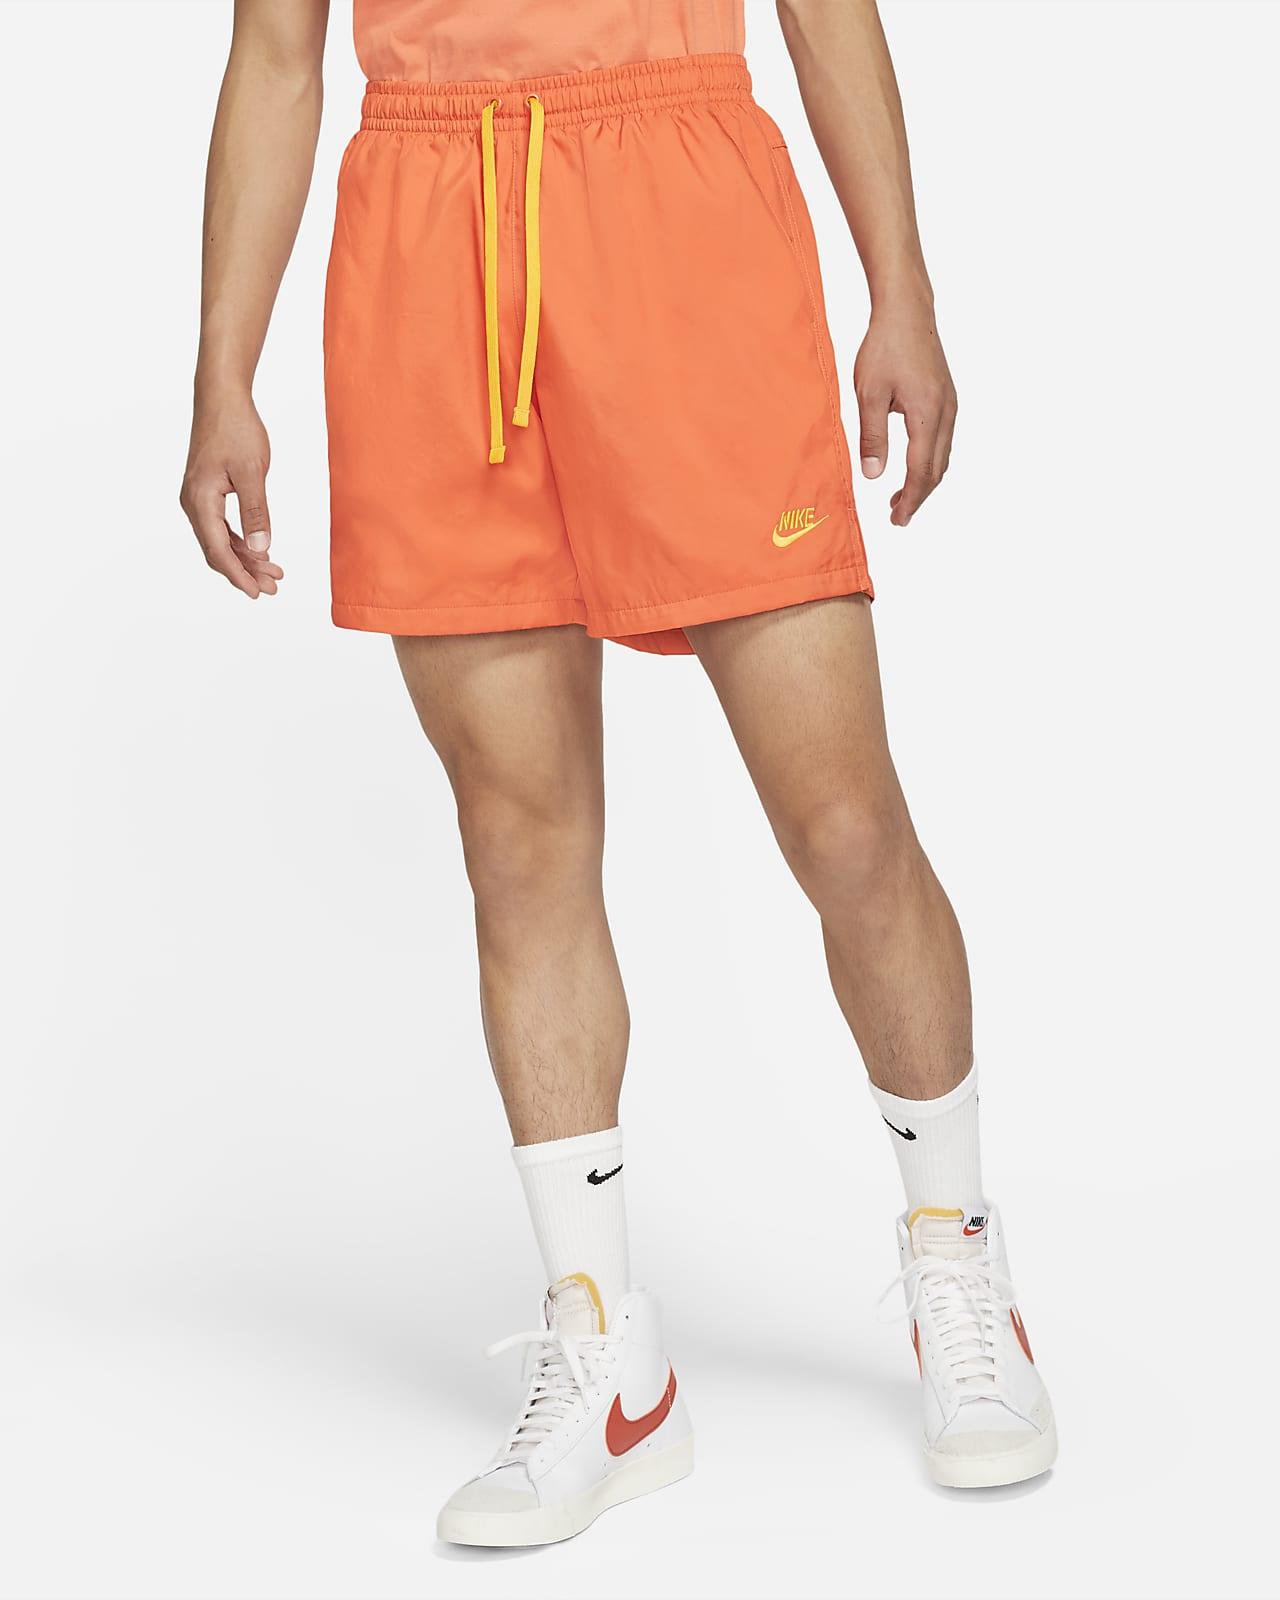 Calções Flow entrançados Nike Sportswear para homem